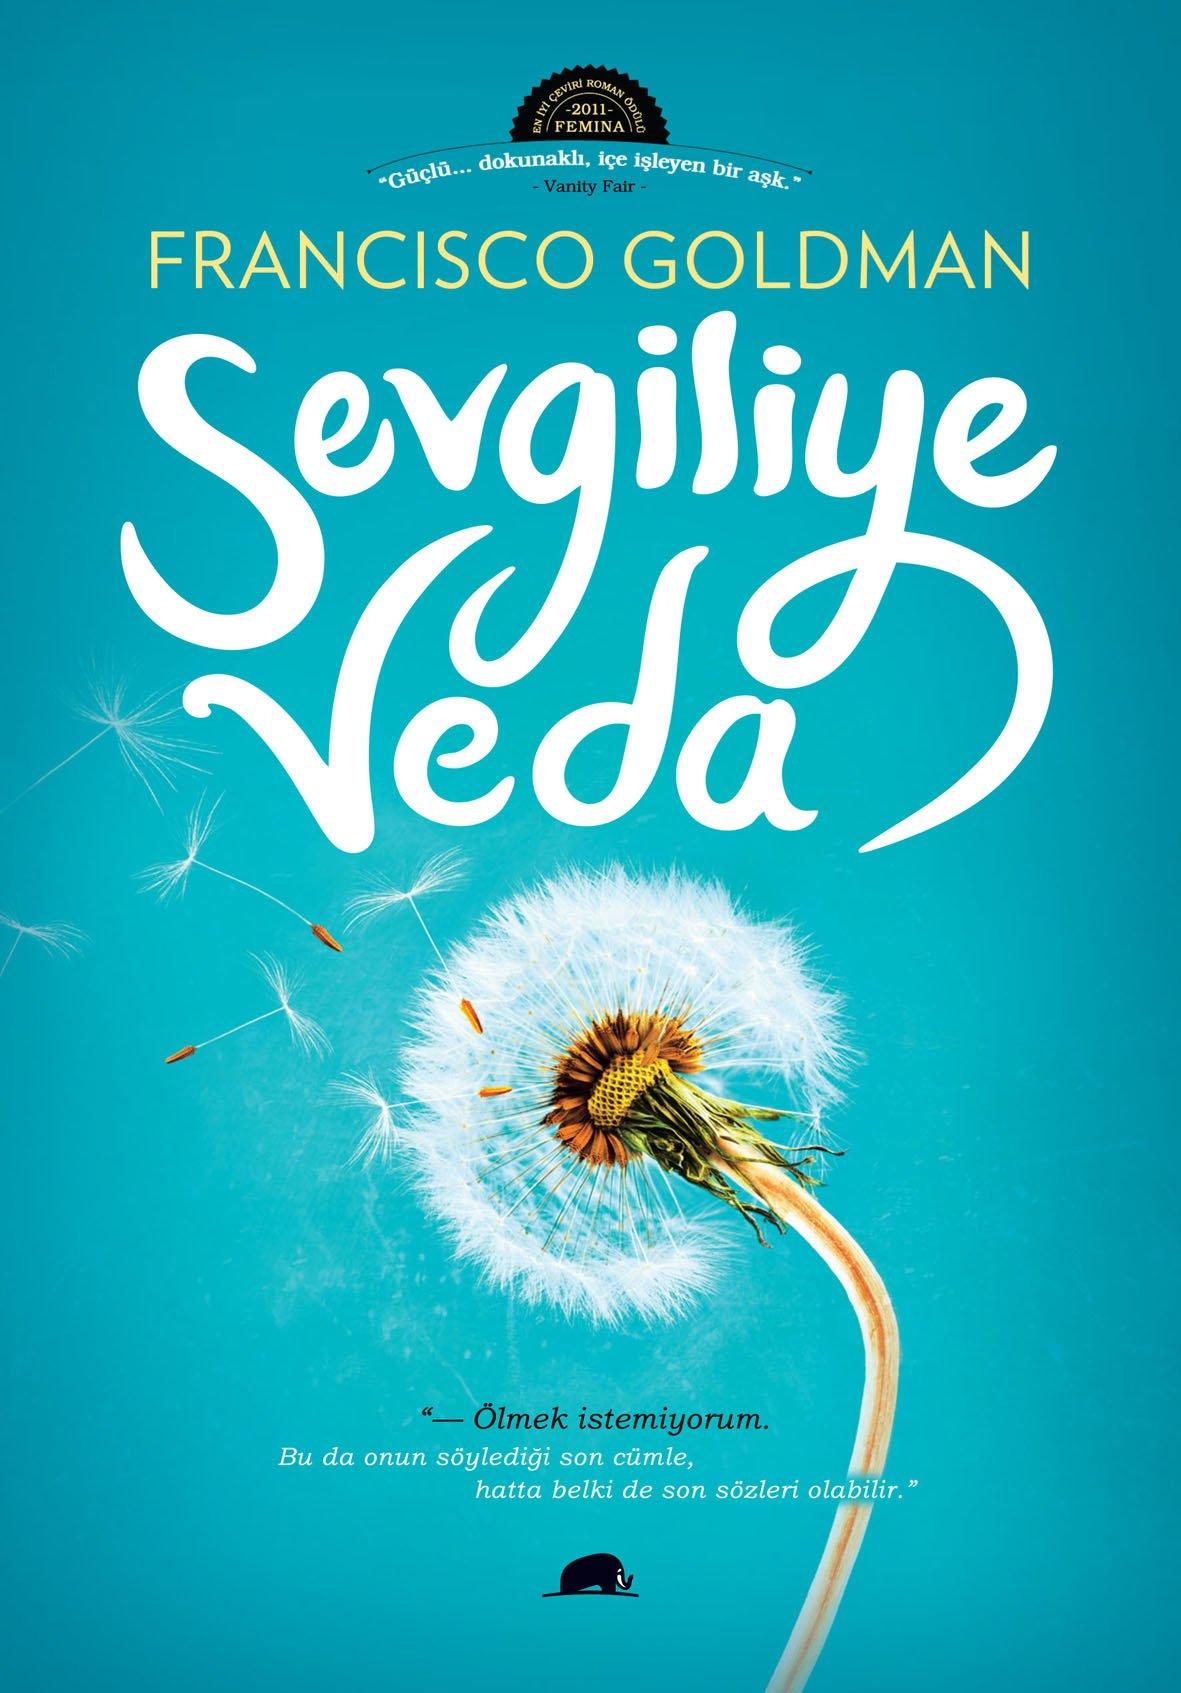 Francisco Goldman Sevgiliye Veda